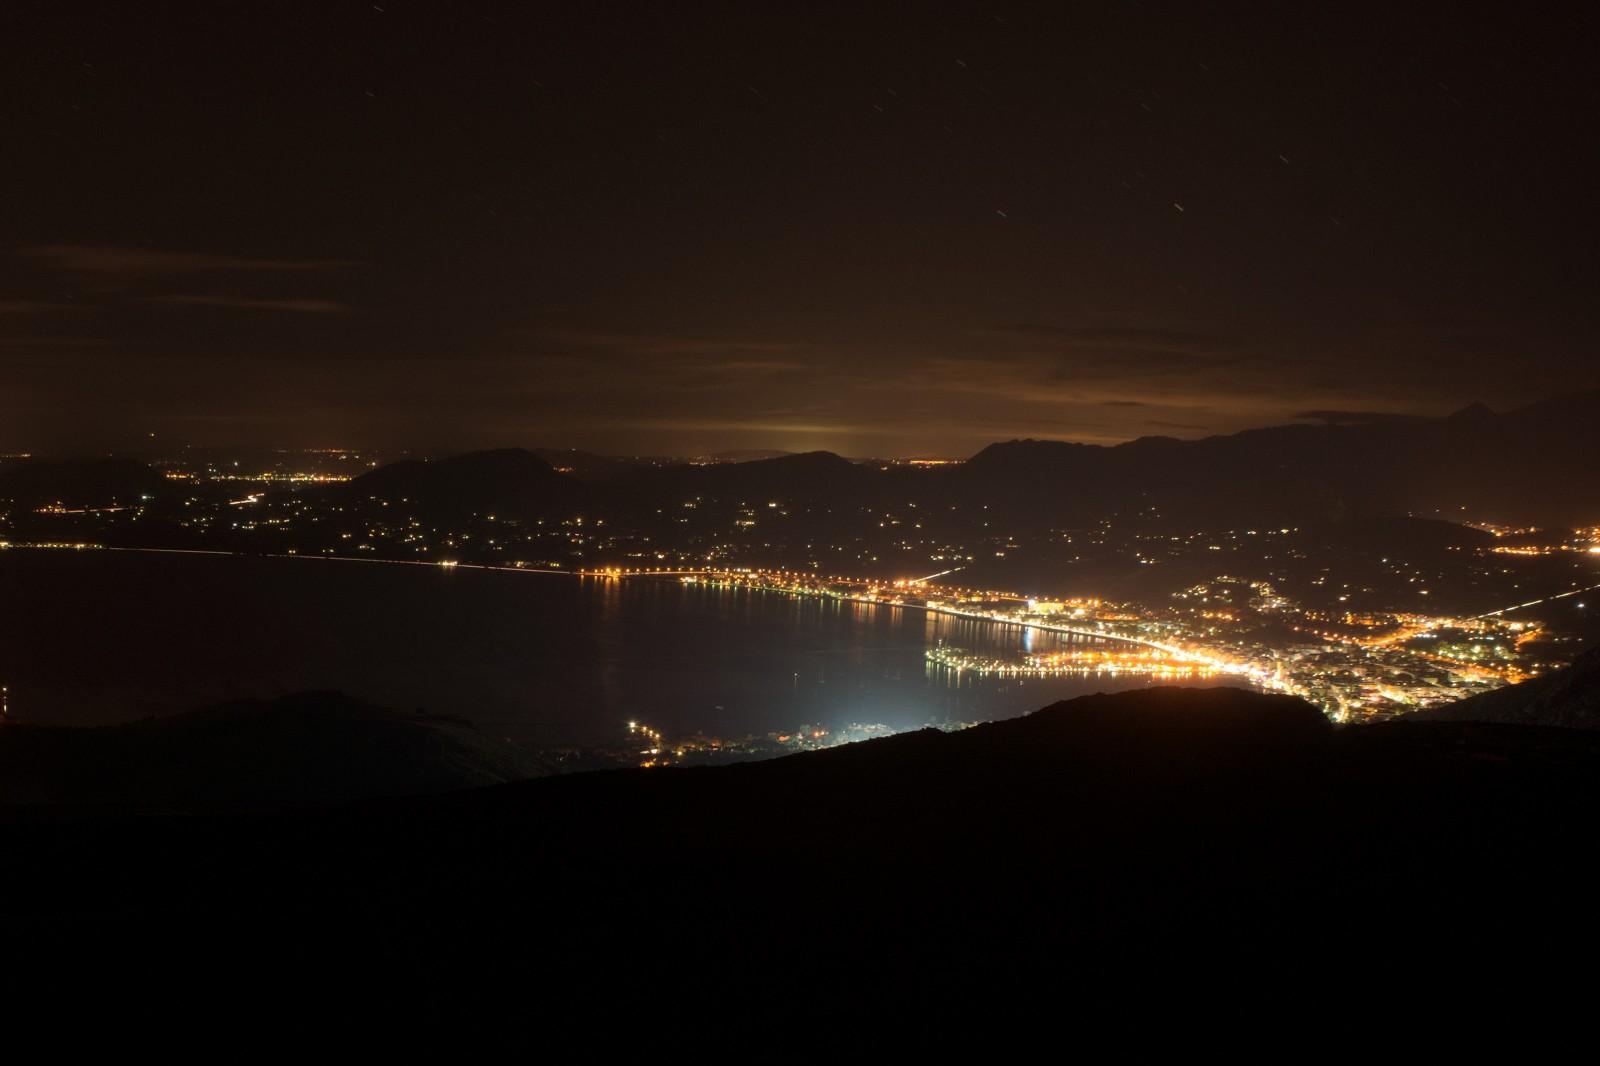 Výhled ze strážní věže na Port de Pollença